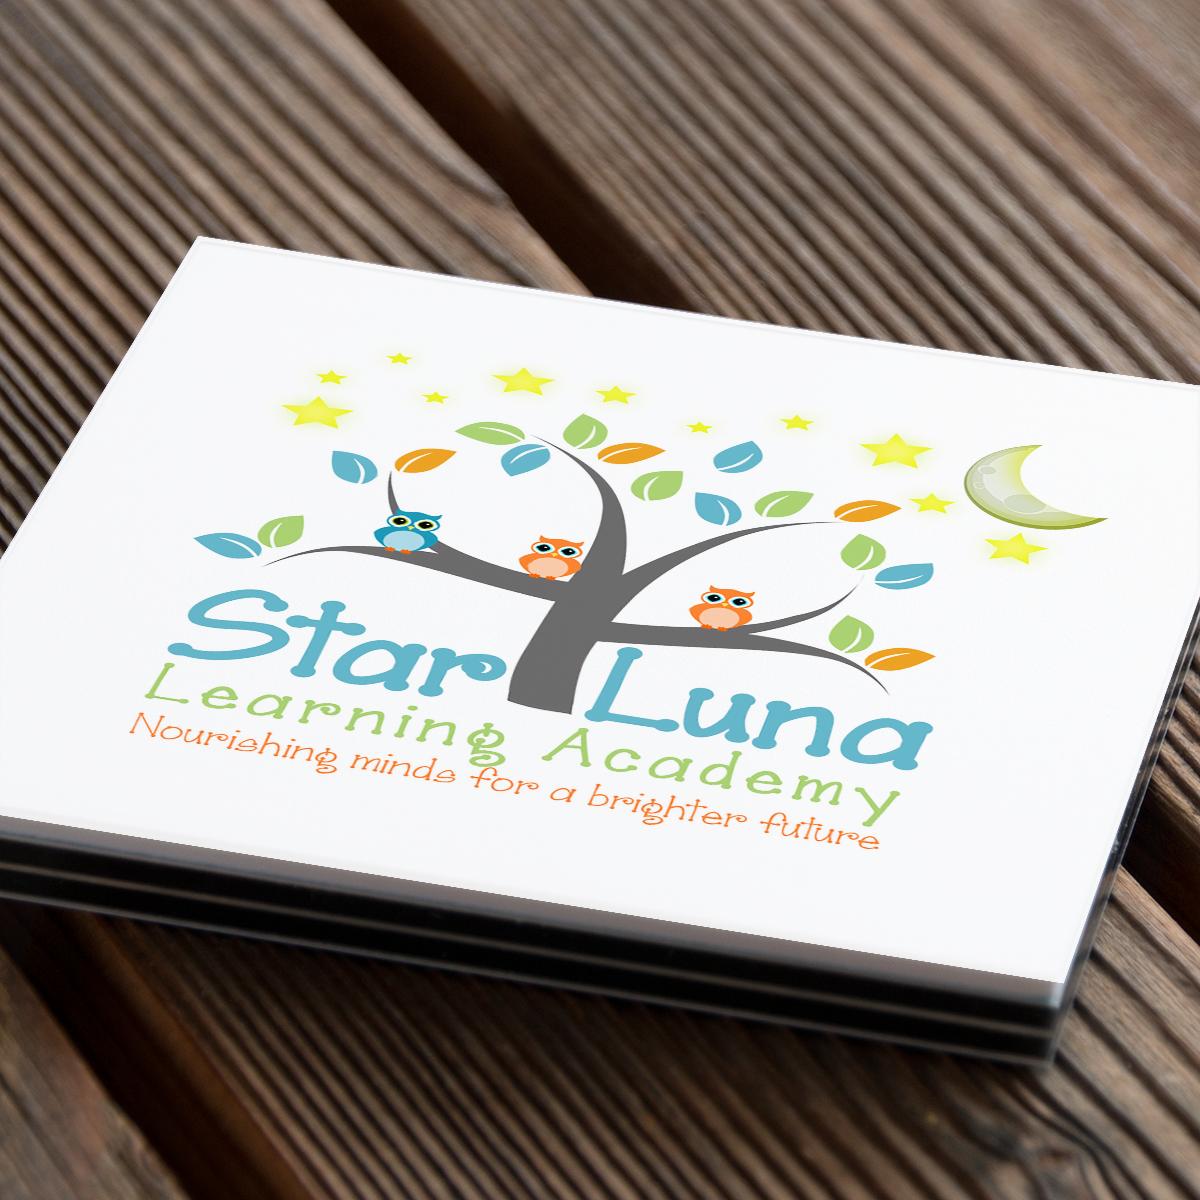 Star Luna Learning Academy